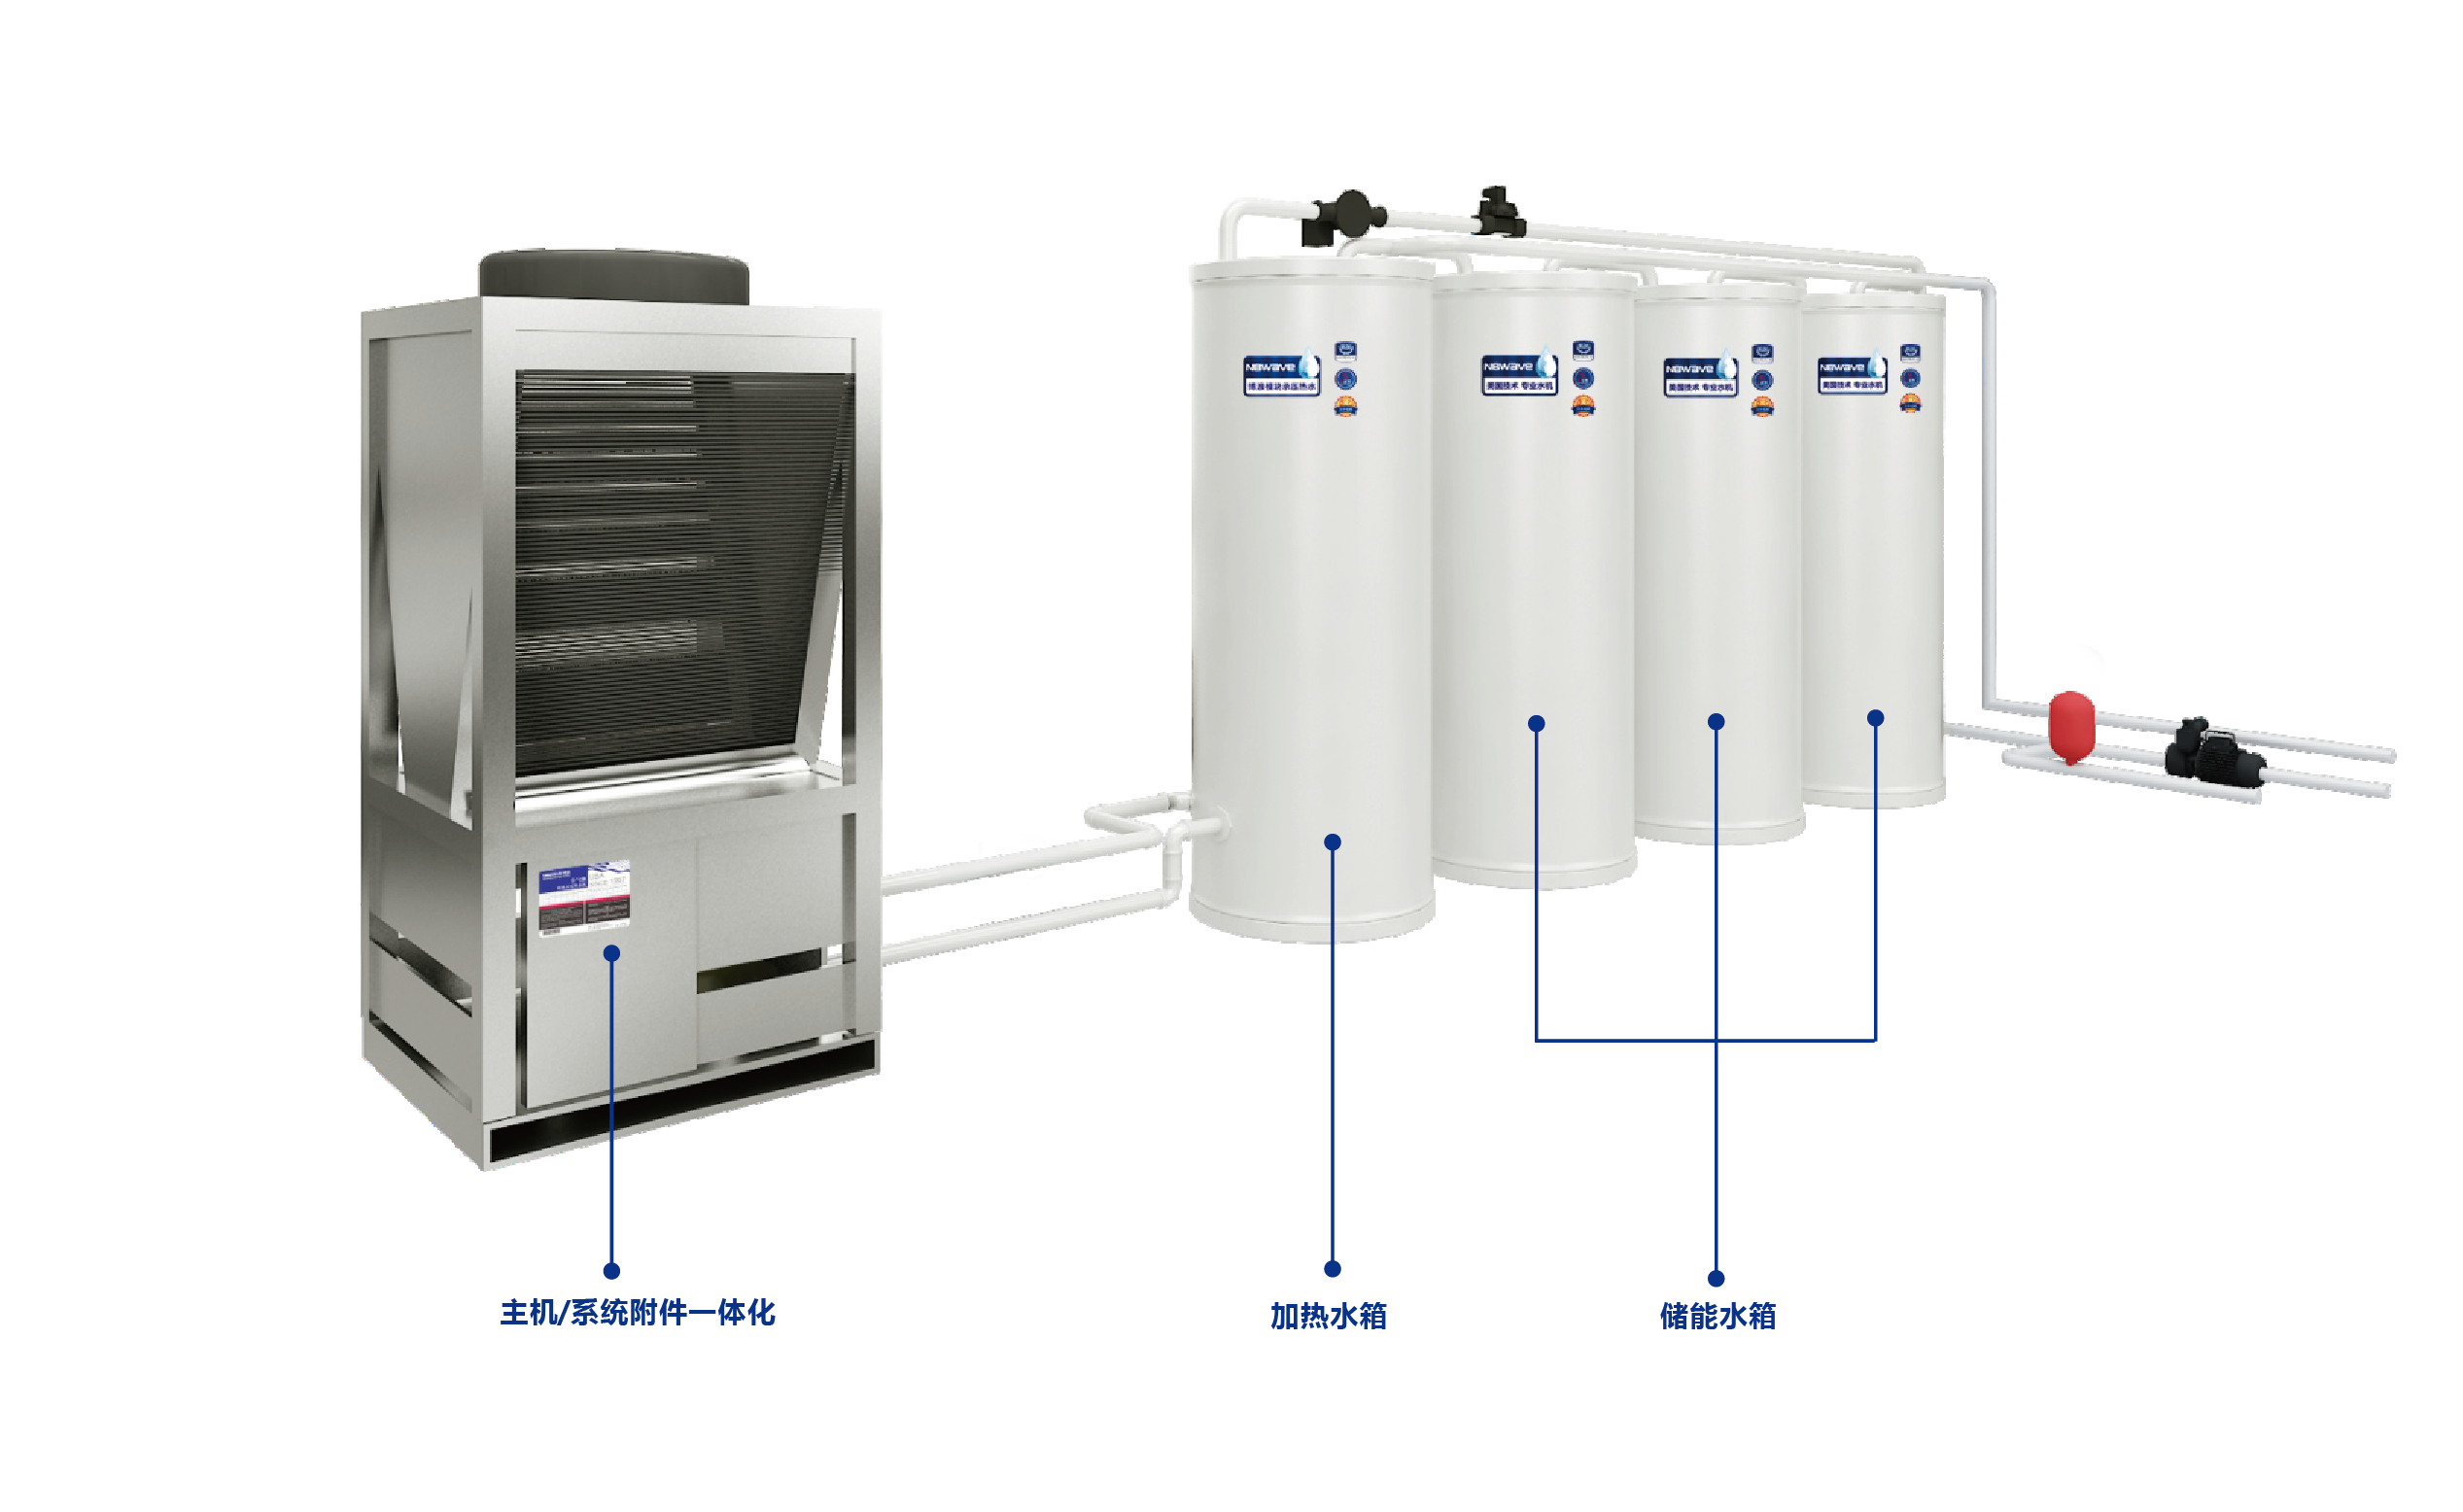 模塊承壓熱水系統